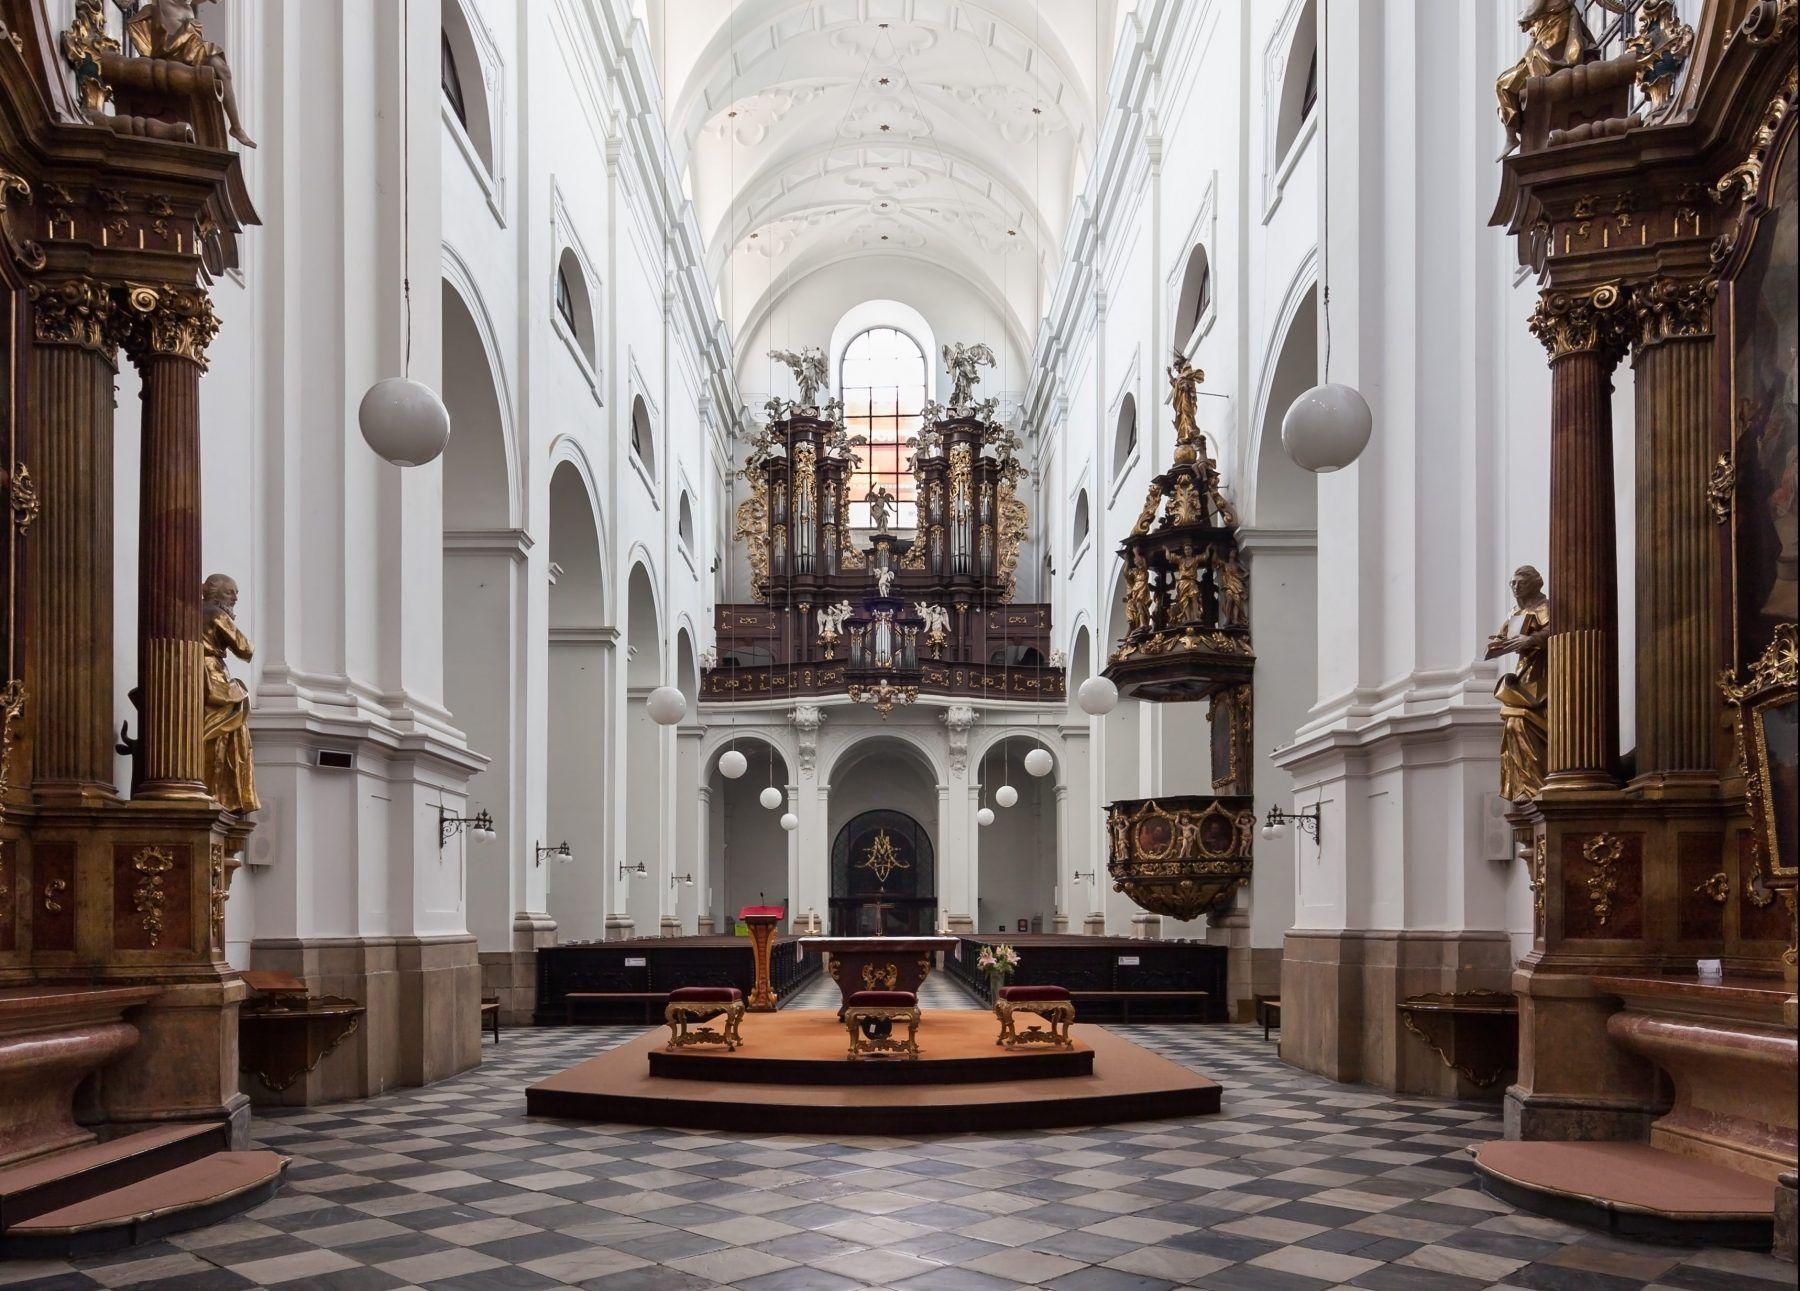 Kostel sv. Tomáše v Brně na Moravském náměstí - interiér